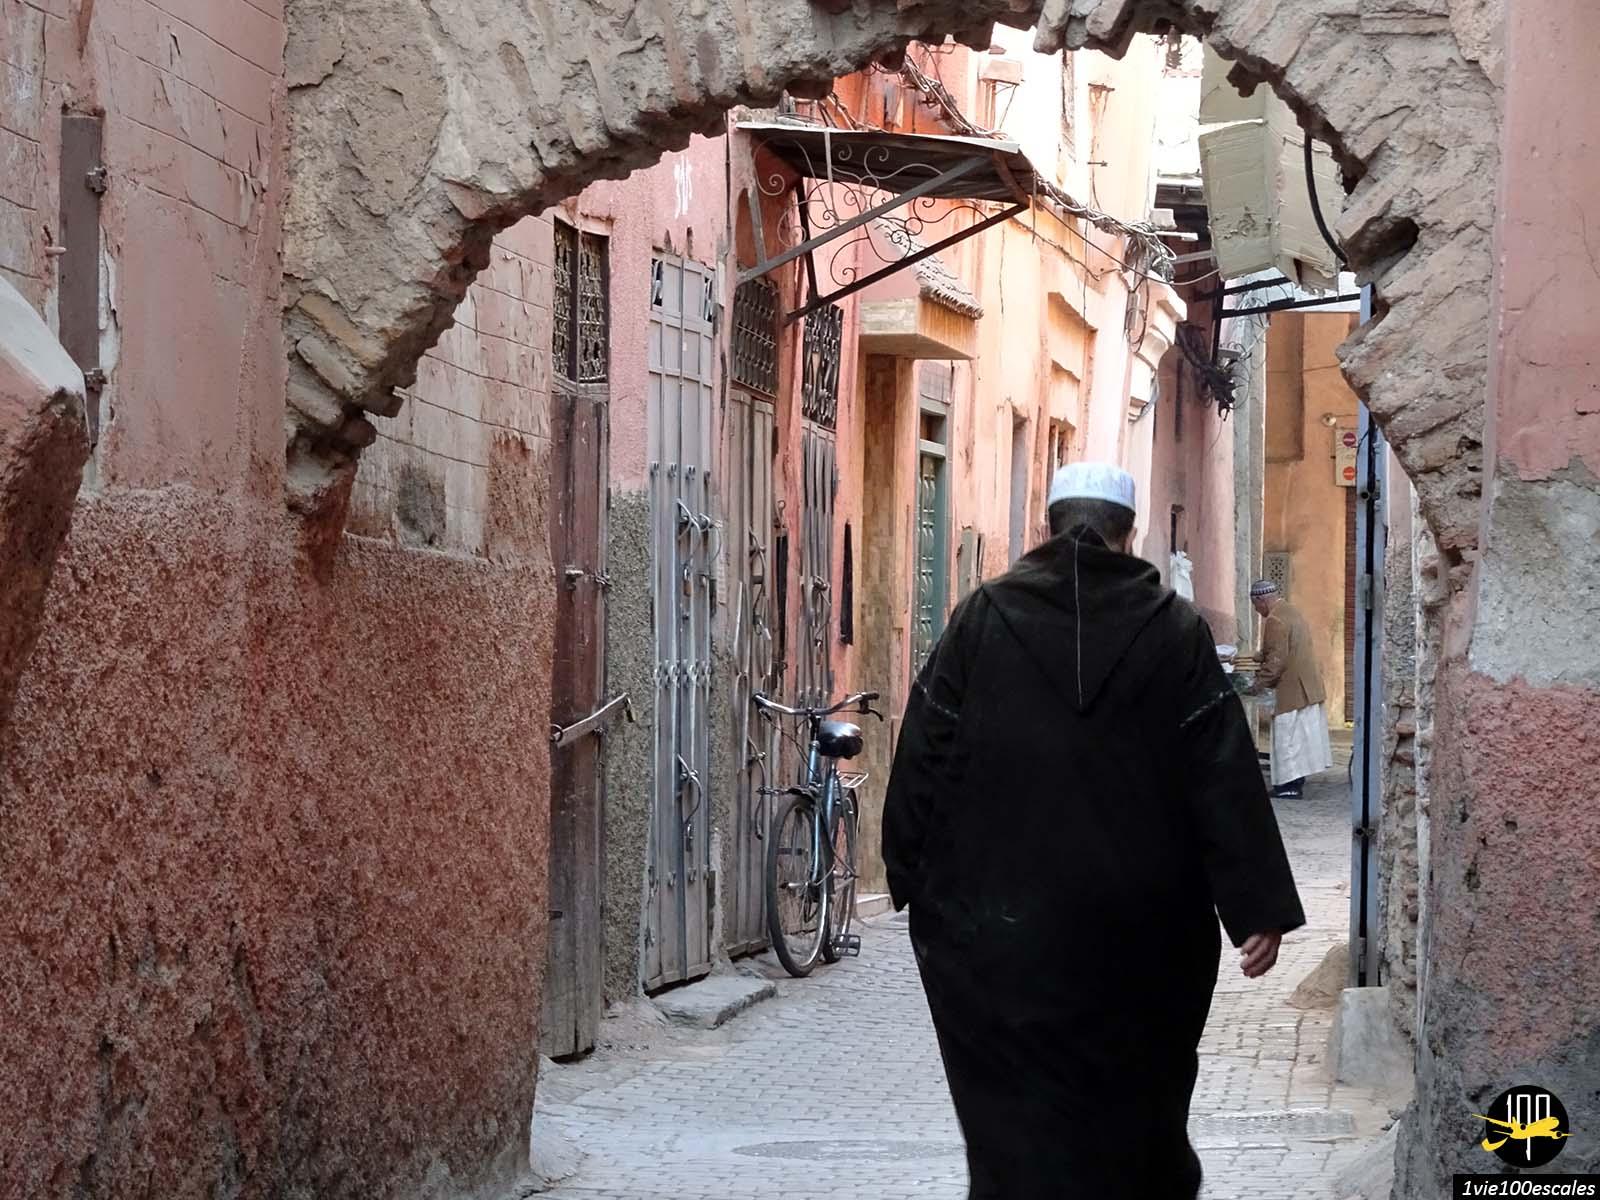 Tenue traditionnelle dans les ruelles de Marrakech